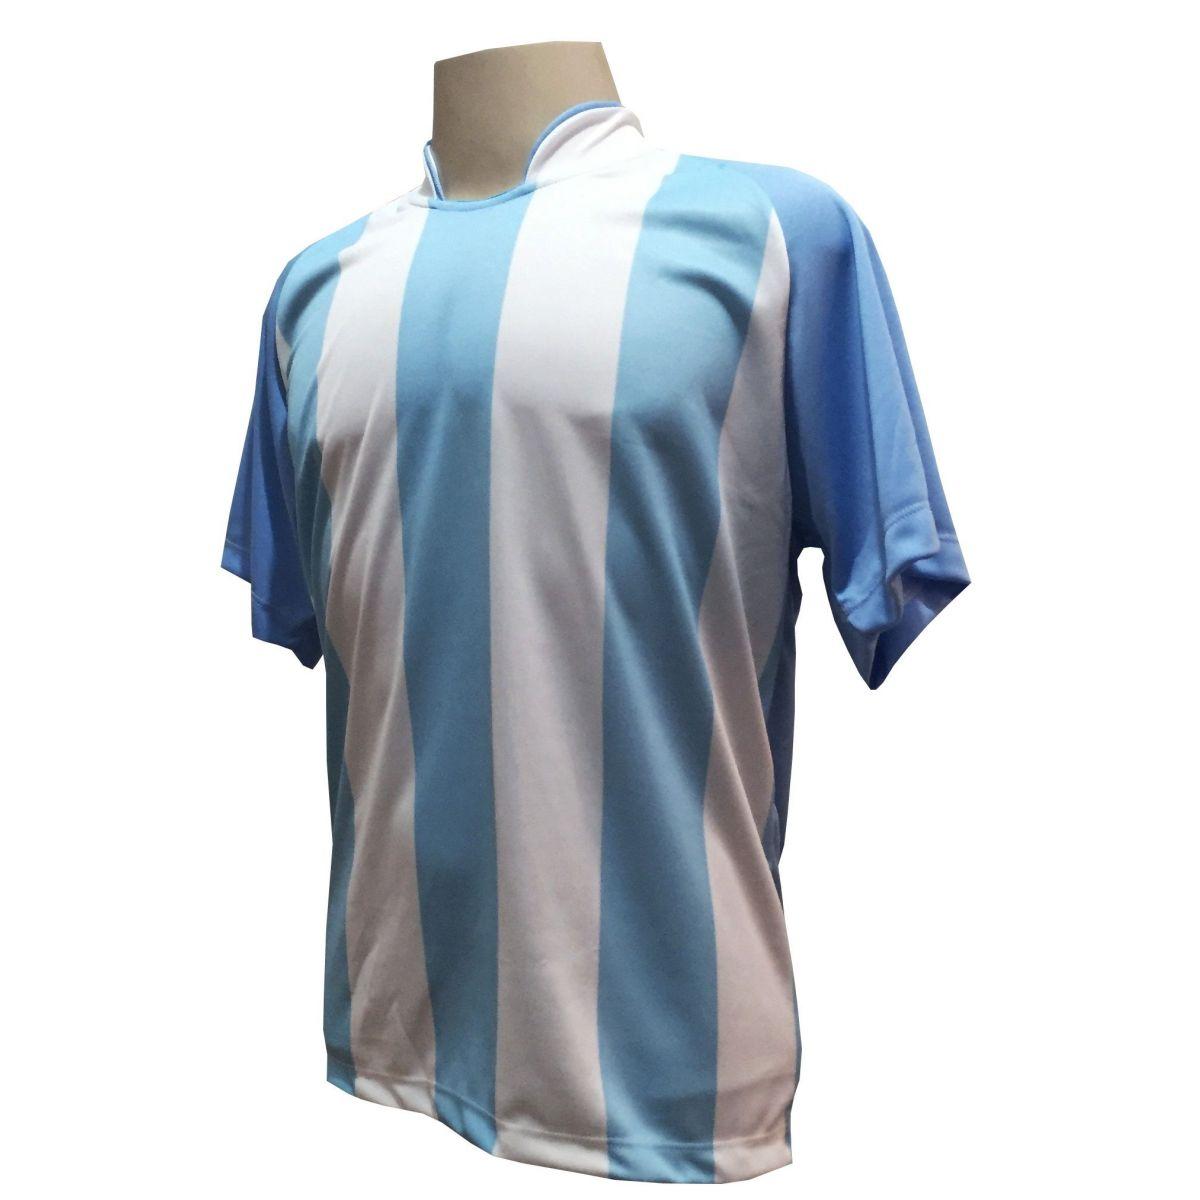 Jogo de Camisa com 20 unidades modelo Milan Celeste/Branco